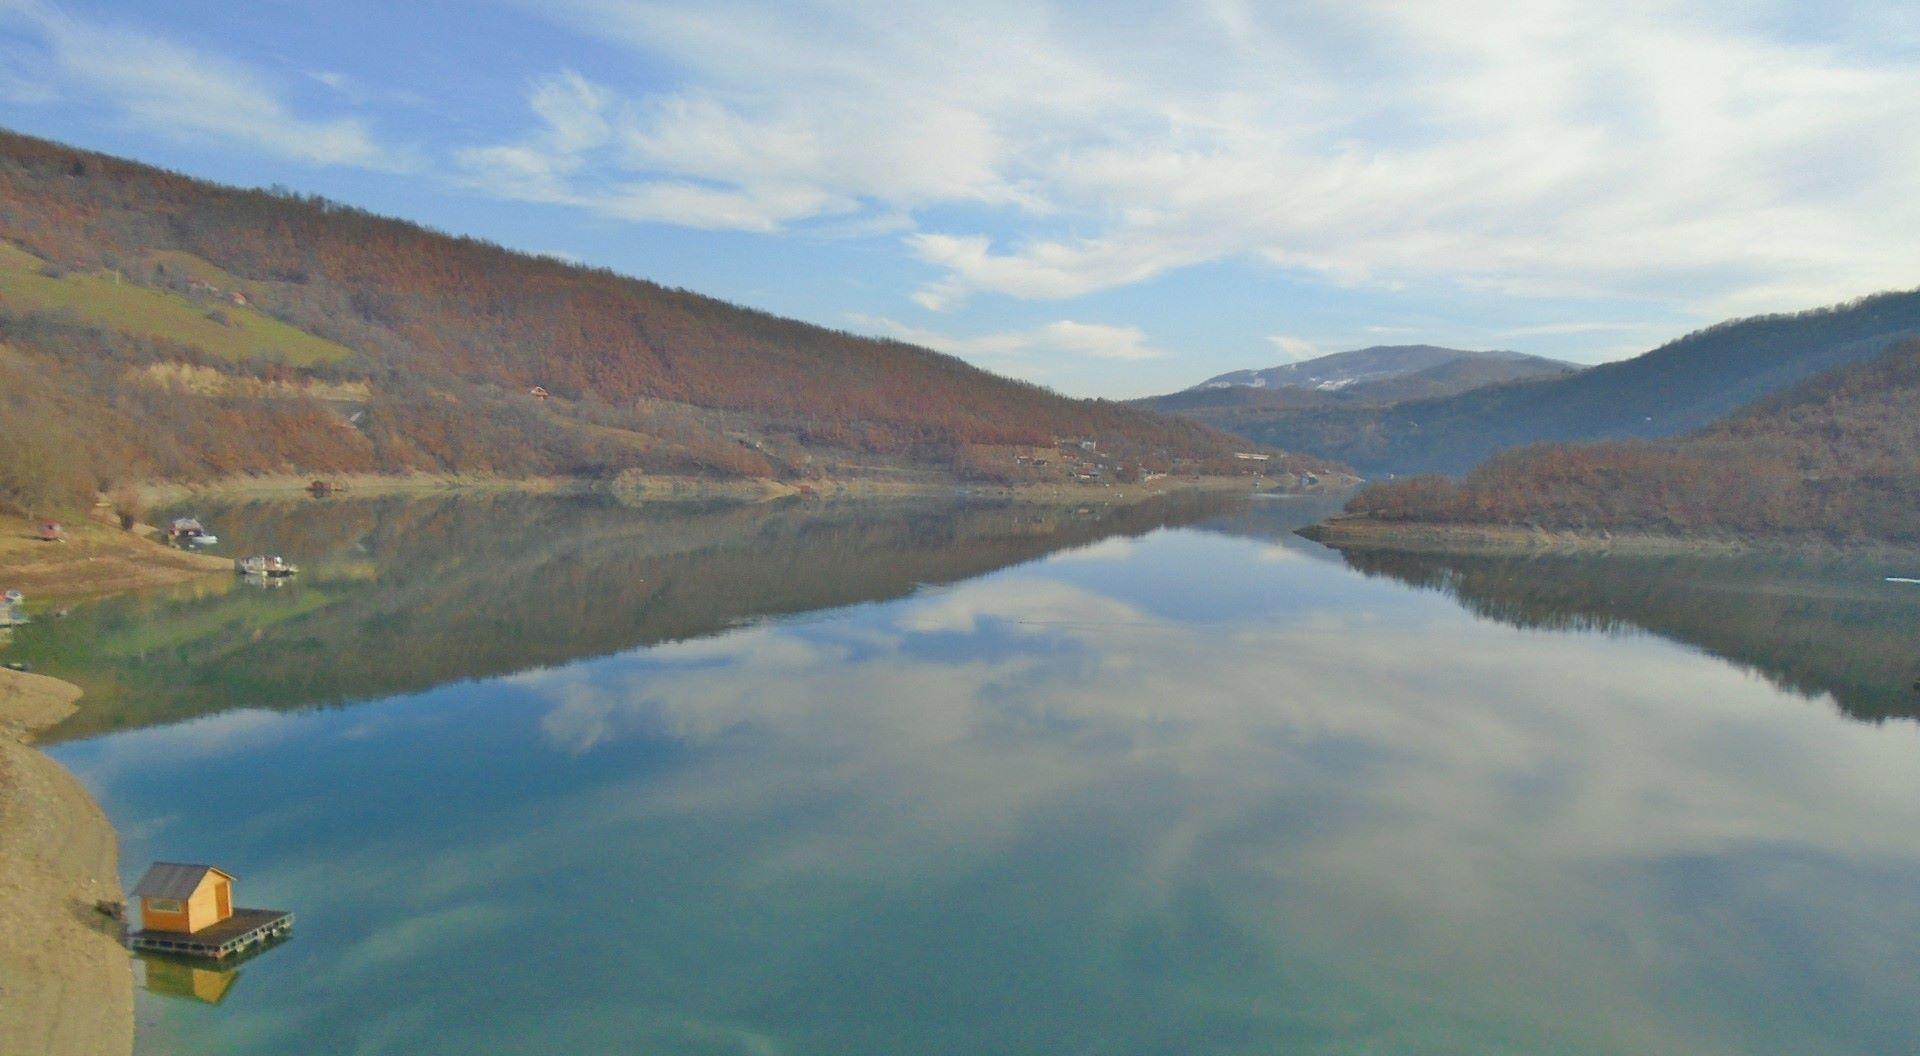 mladi-organizovanjem-tura-iz-centralne-srbije-promovisu-turizam-severnog-kosova